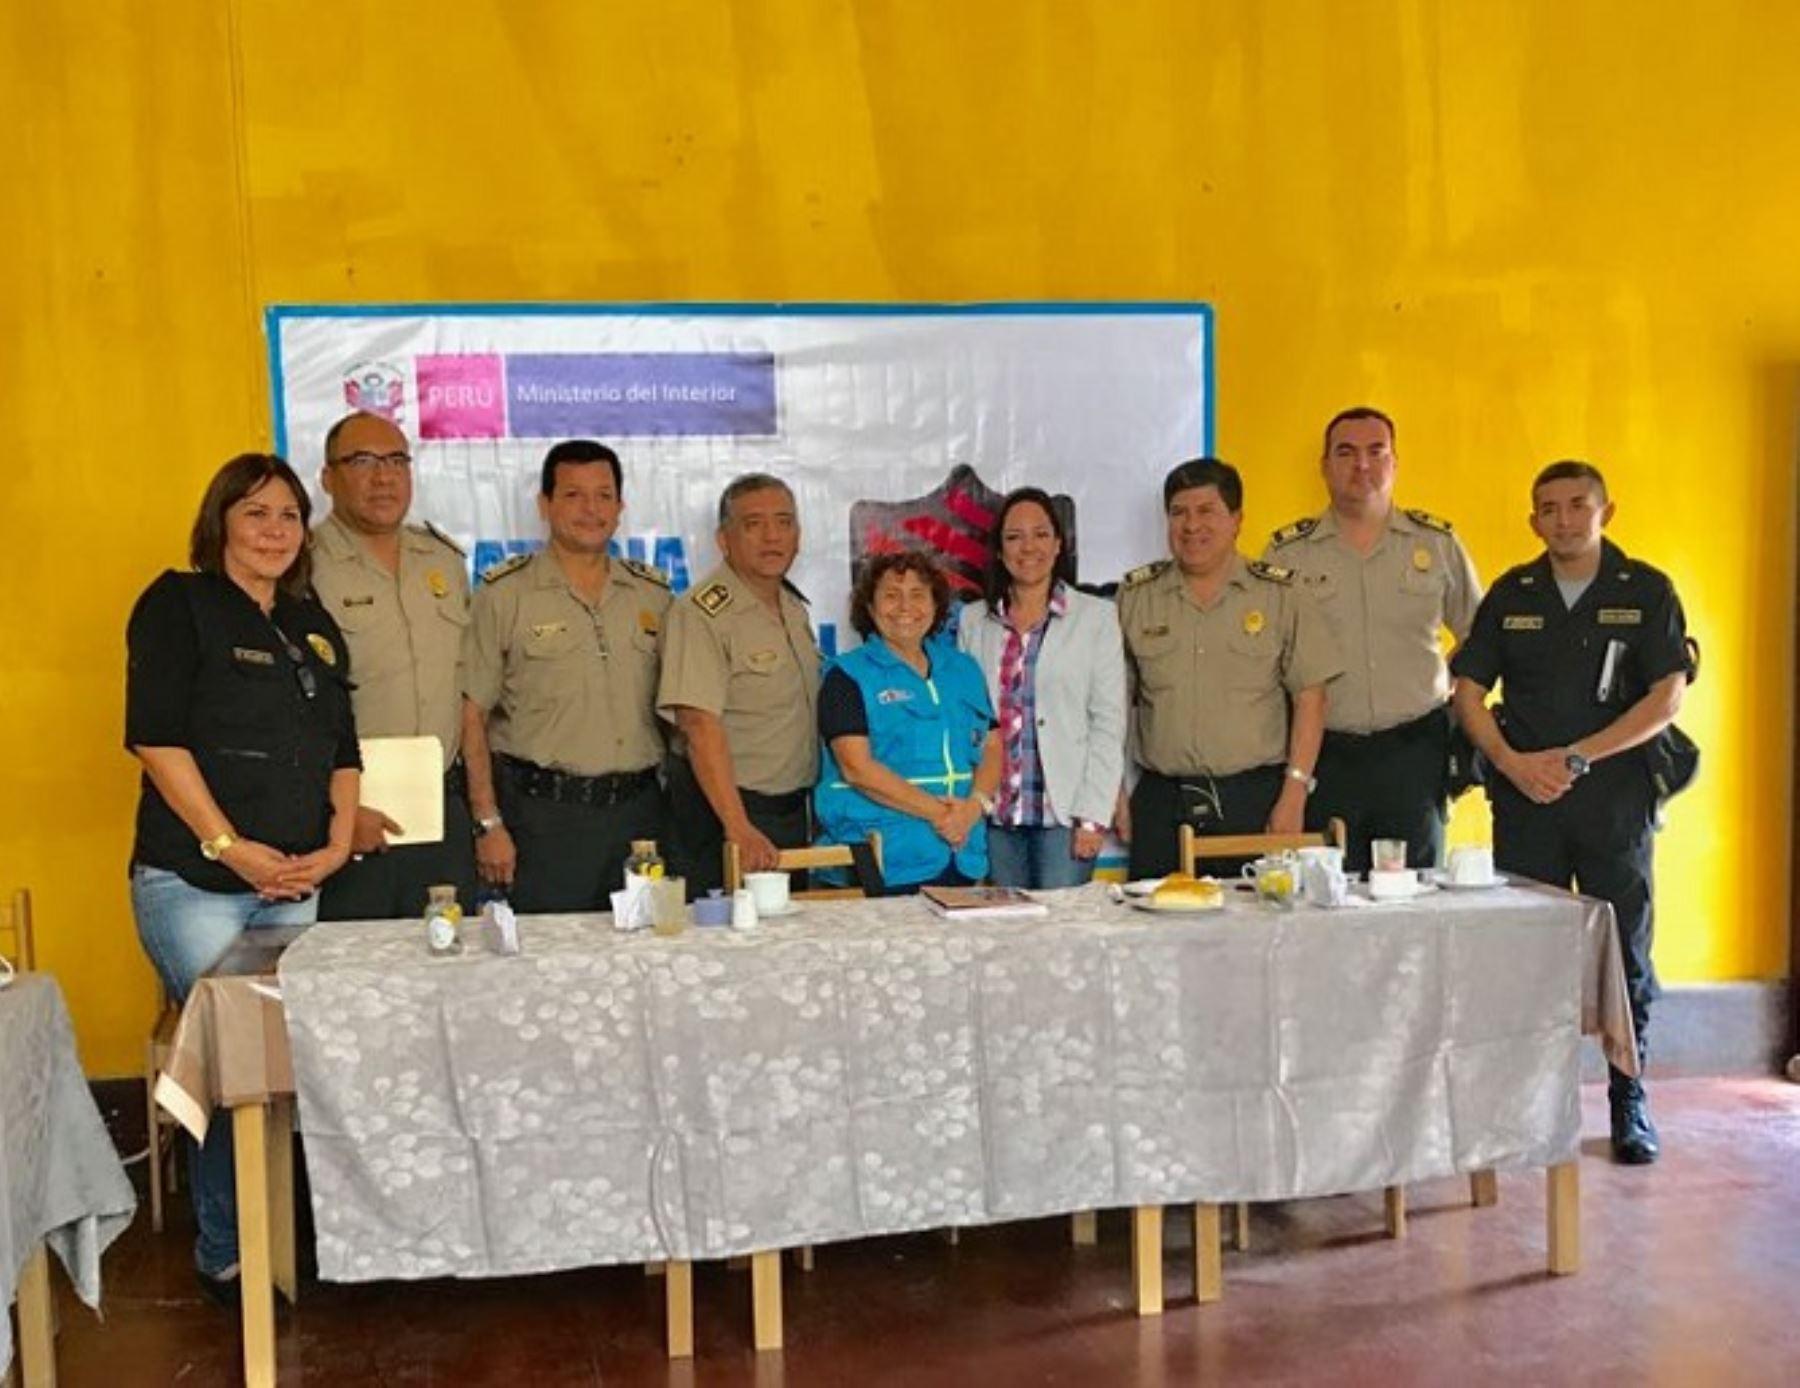 Barrio seguro planifican actividades en trujillo a for Ministerio del interior peru